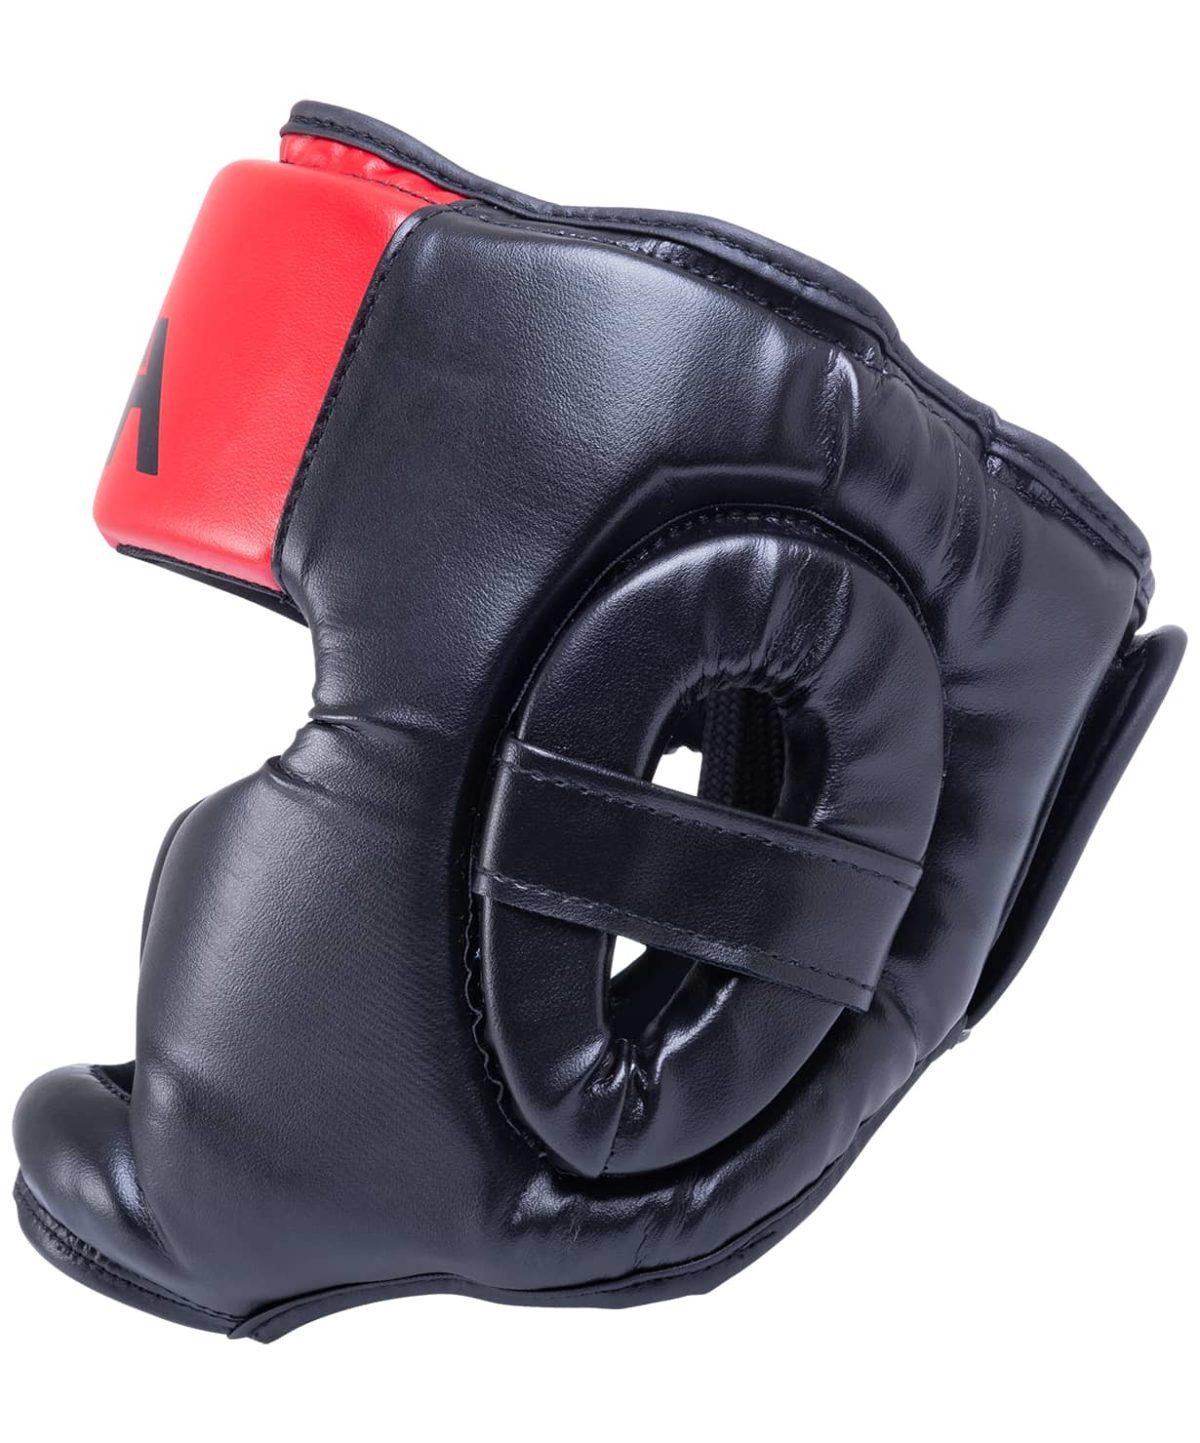 KSA Skull Red шлем закрытый  17908 - 2